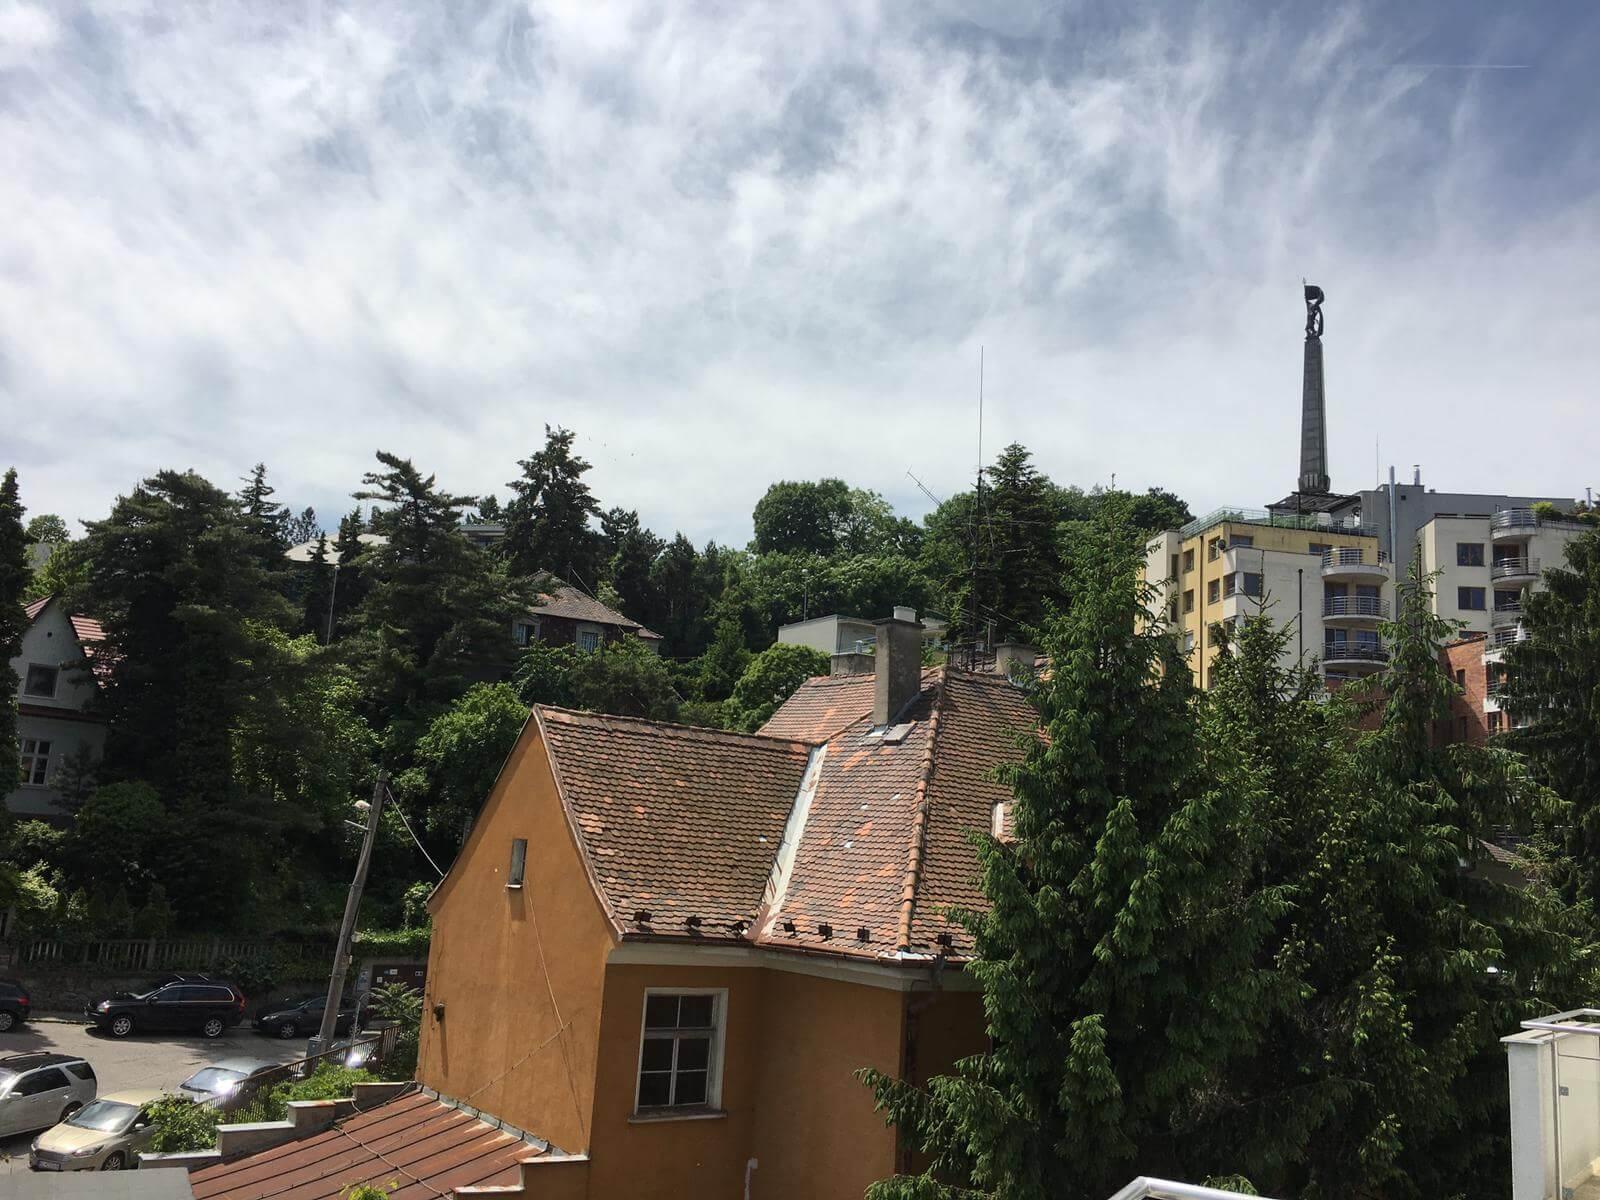 Prenajate: Prenájom 4 izbového luxusného bytu, Pri Slavíne, novostavba, 2x parkovanie, Boženy Nemcovej, Centrum-63